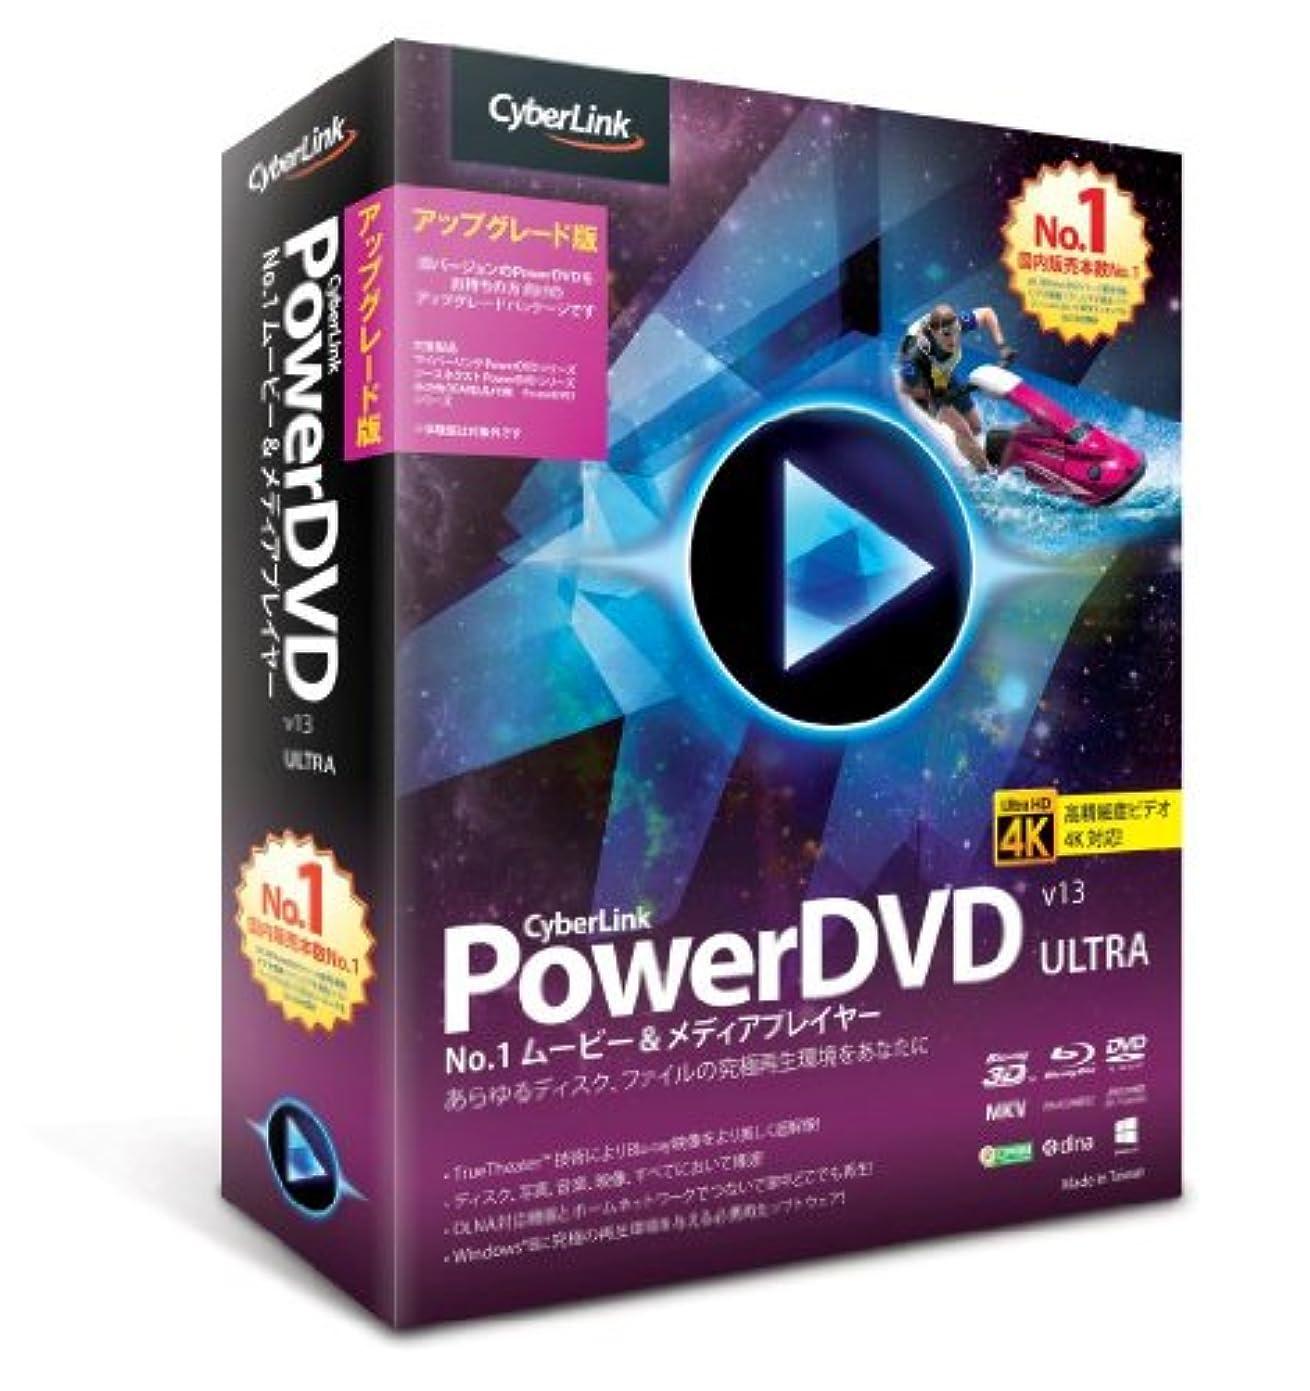 ベテランバラエティホールドオールPowerDVD 13 Ultra アップグレード版